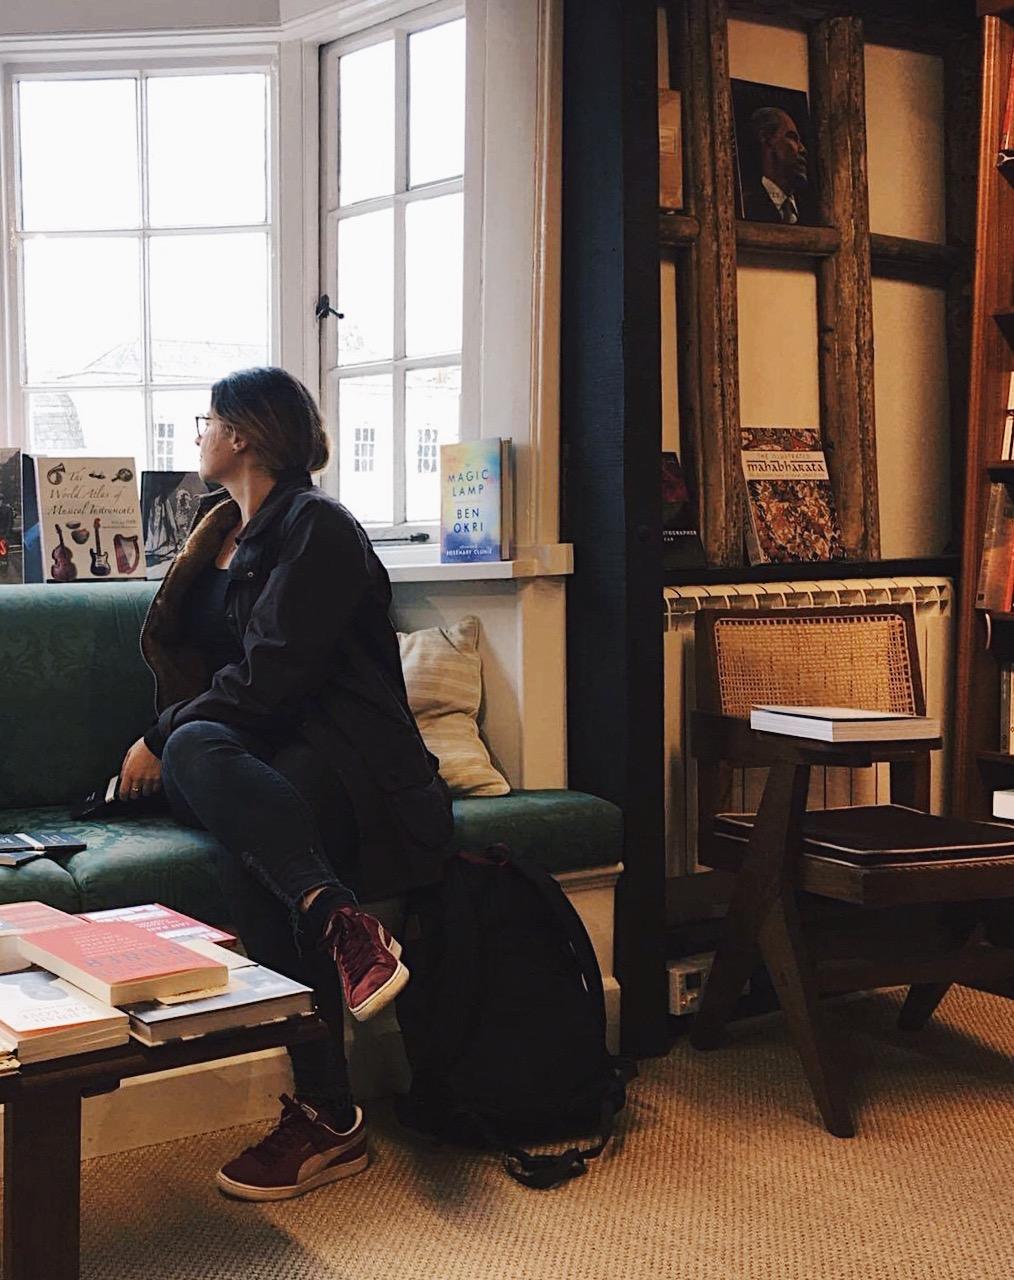 Madeline Baker Summer Reads The Attic on Eighth 2.JPG